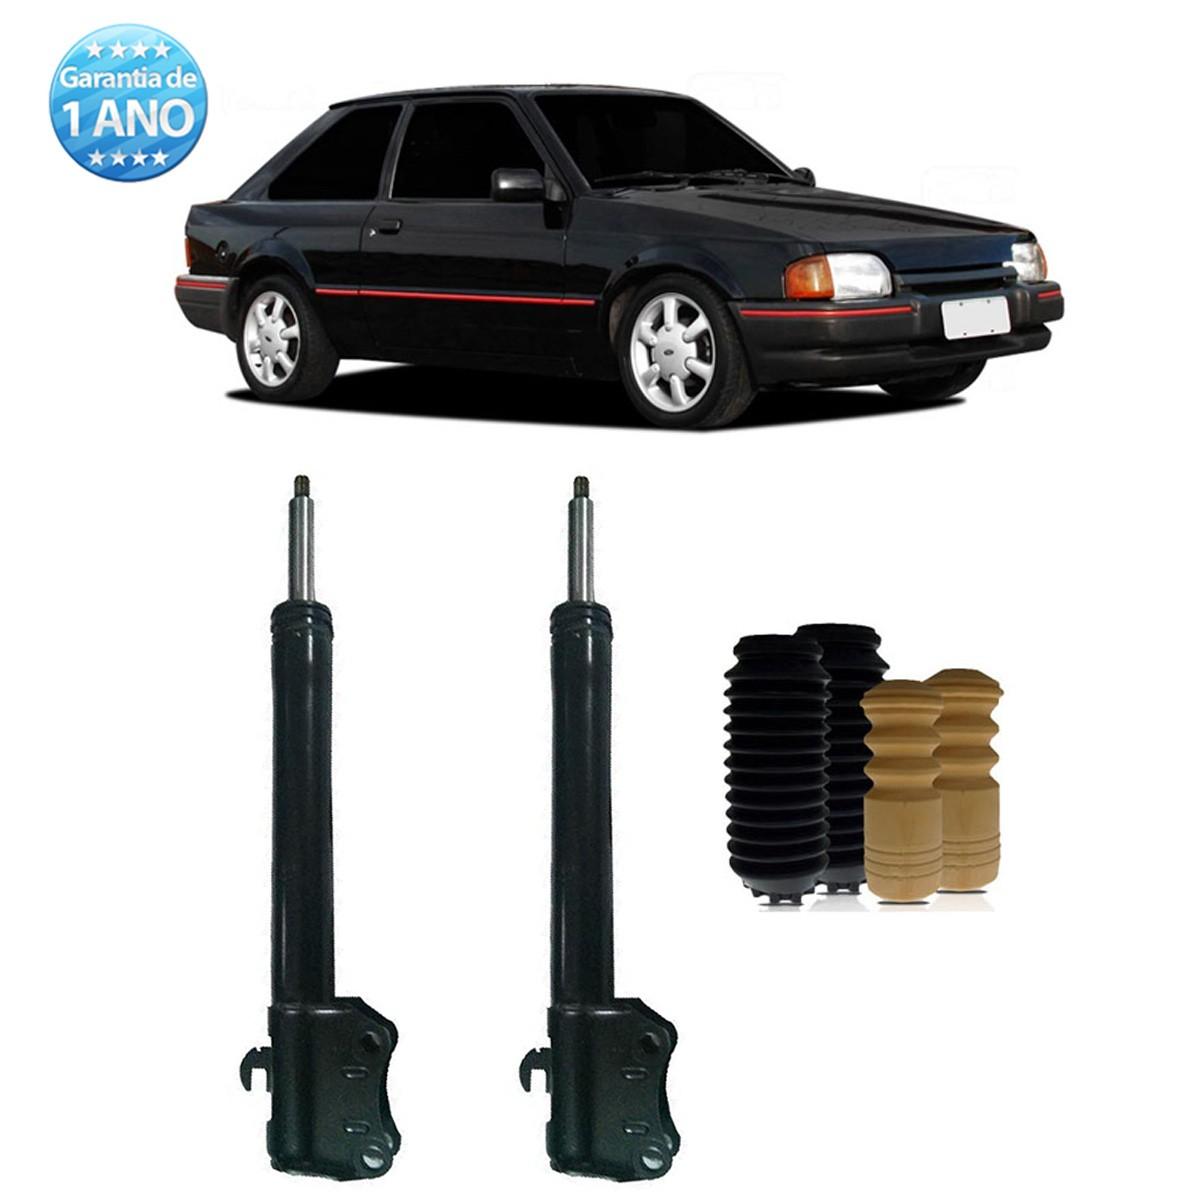 Par de Amortecedores Traseiro Remanufaturados Ford Escort 1991 Até 1993 Hobby 1992 Até 1996 + Kit da Suspensão